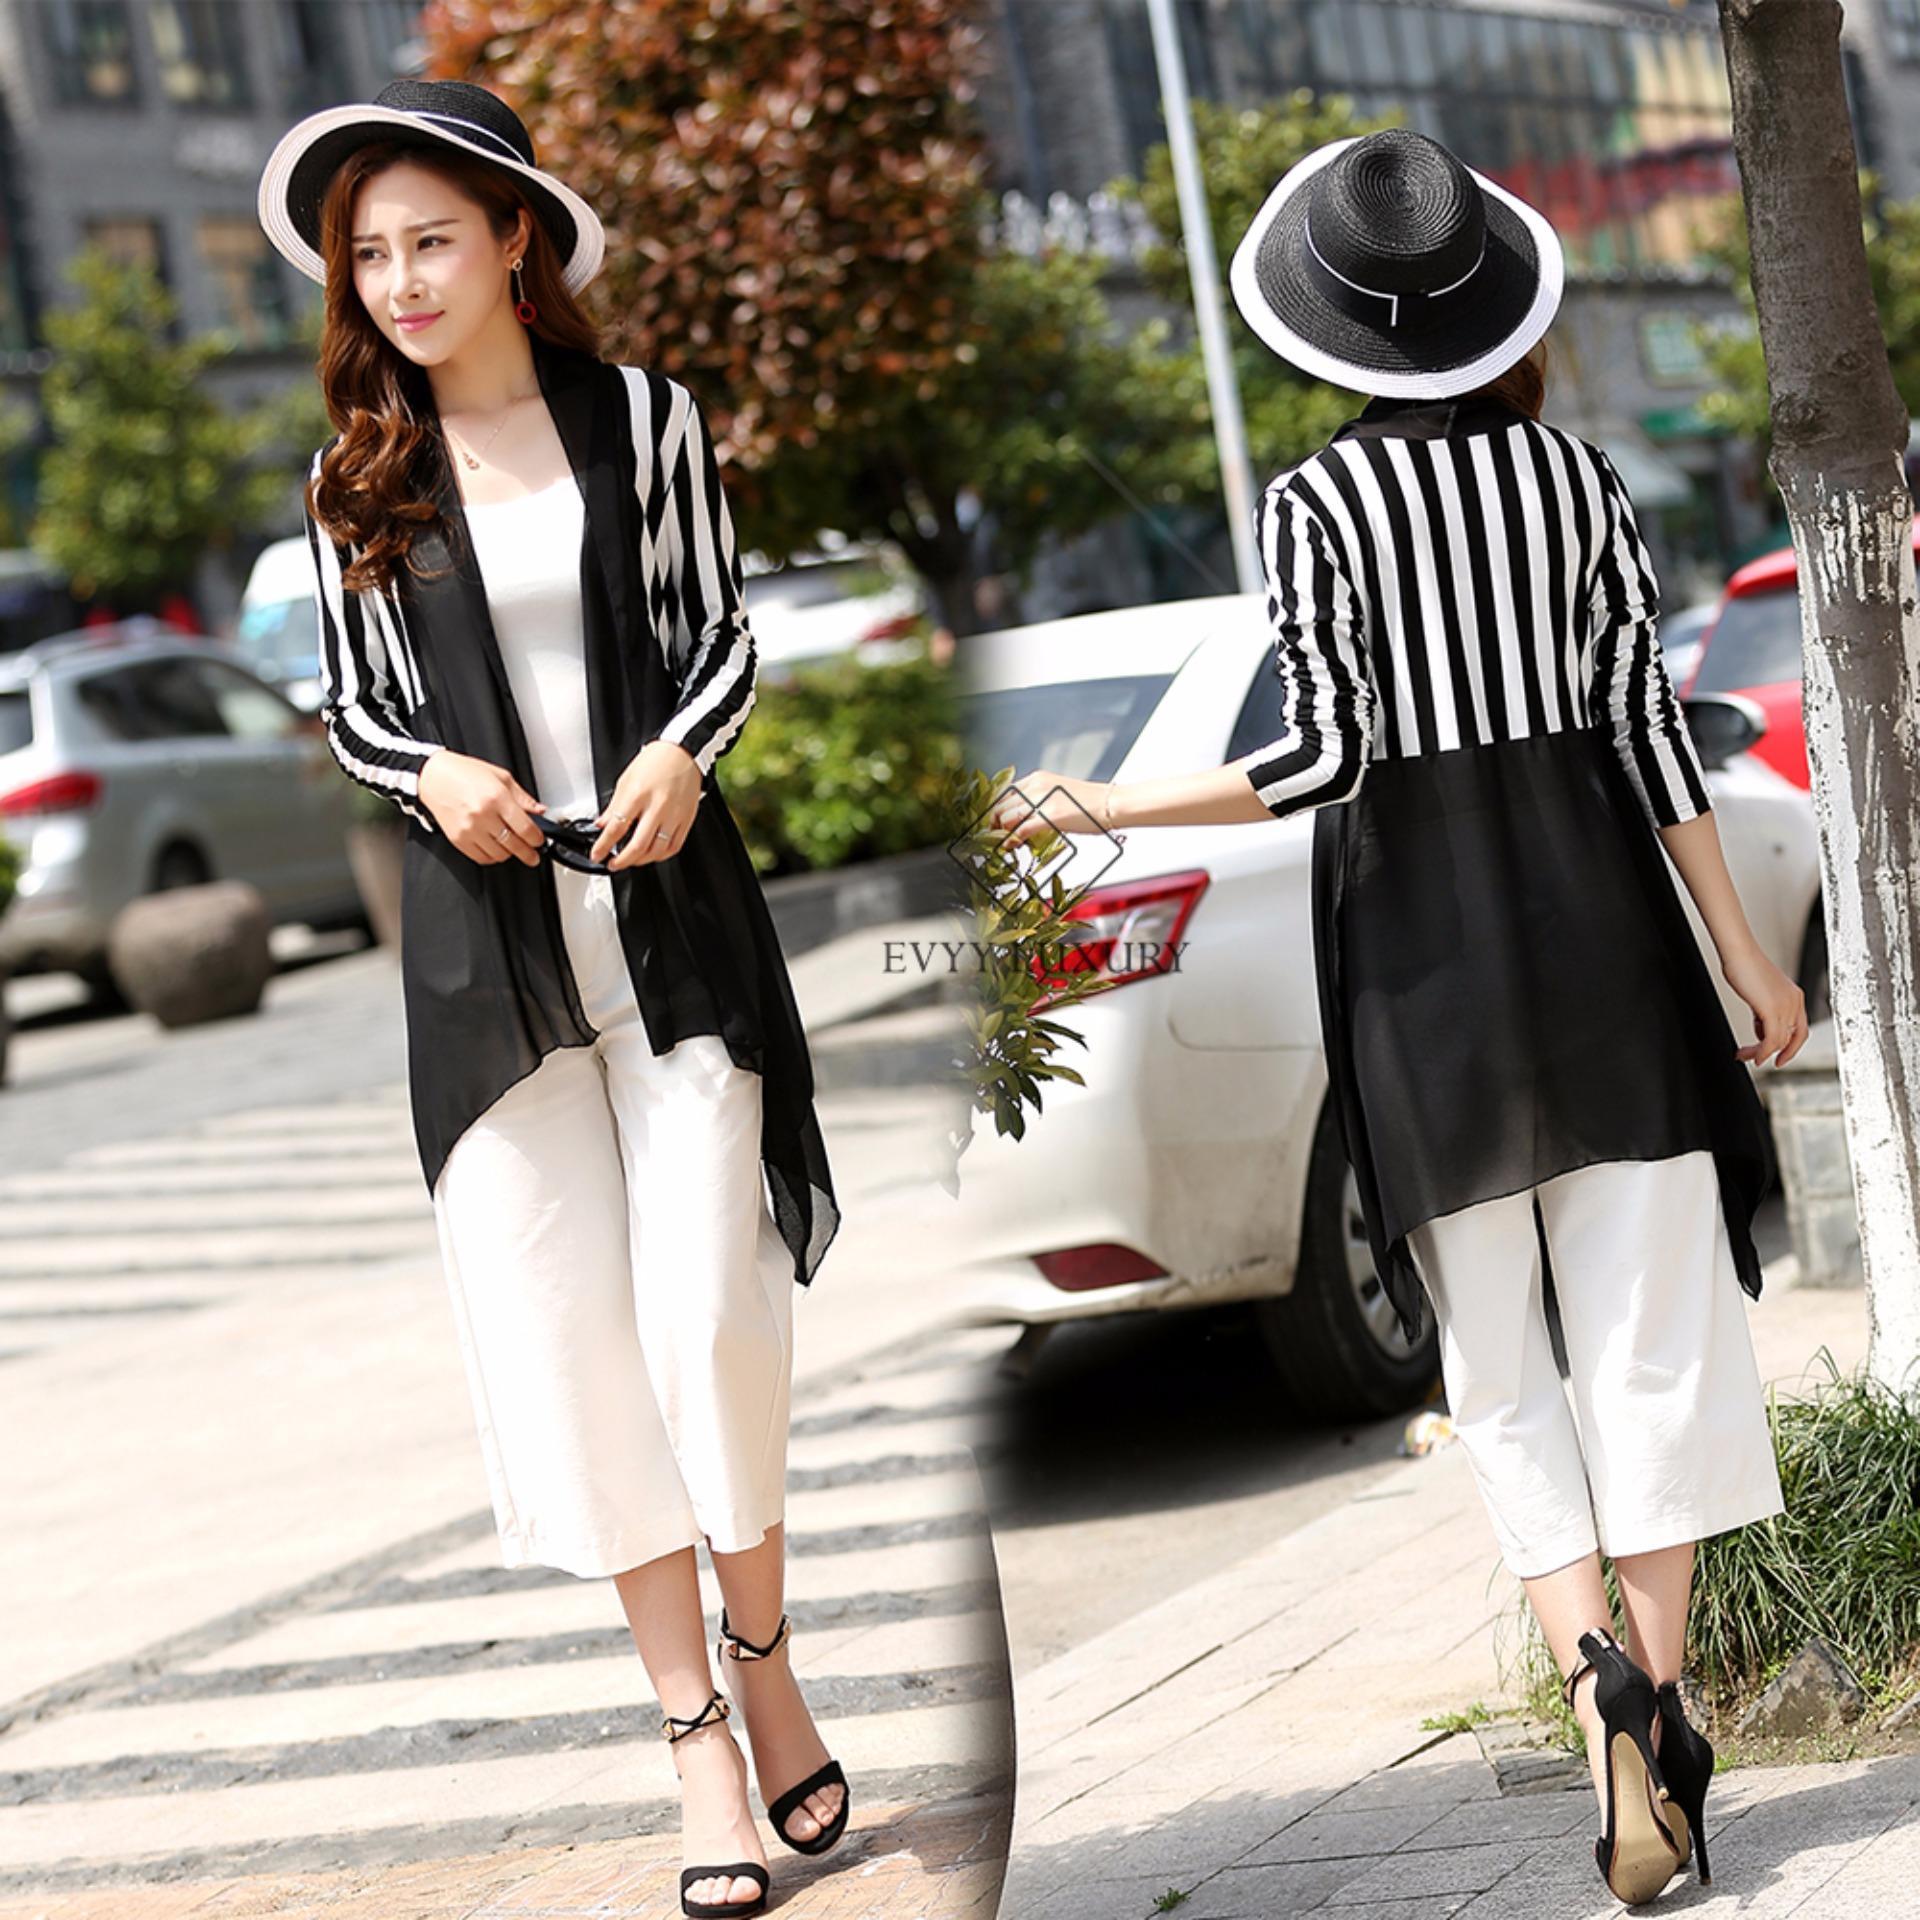 Áo khoác nữ, áo khoác cardigan nữ đẹp, áo khoác kimono nữ dễ thương, áo khoác cardigan kimono đen kẻ...